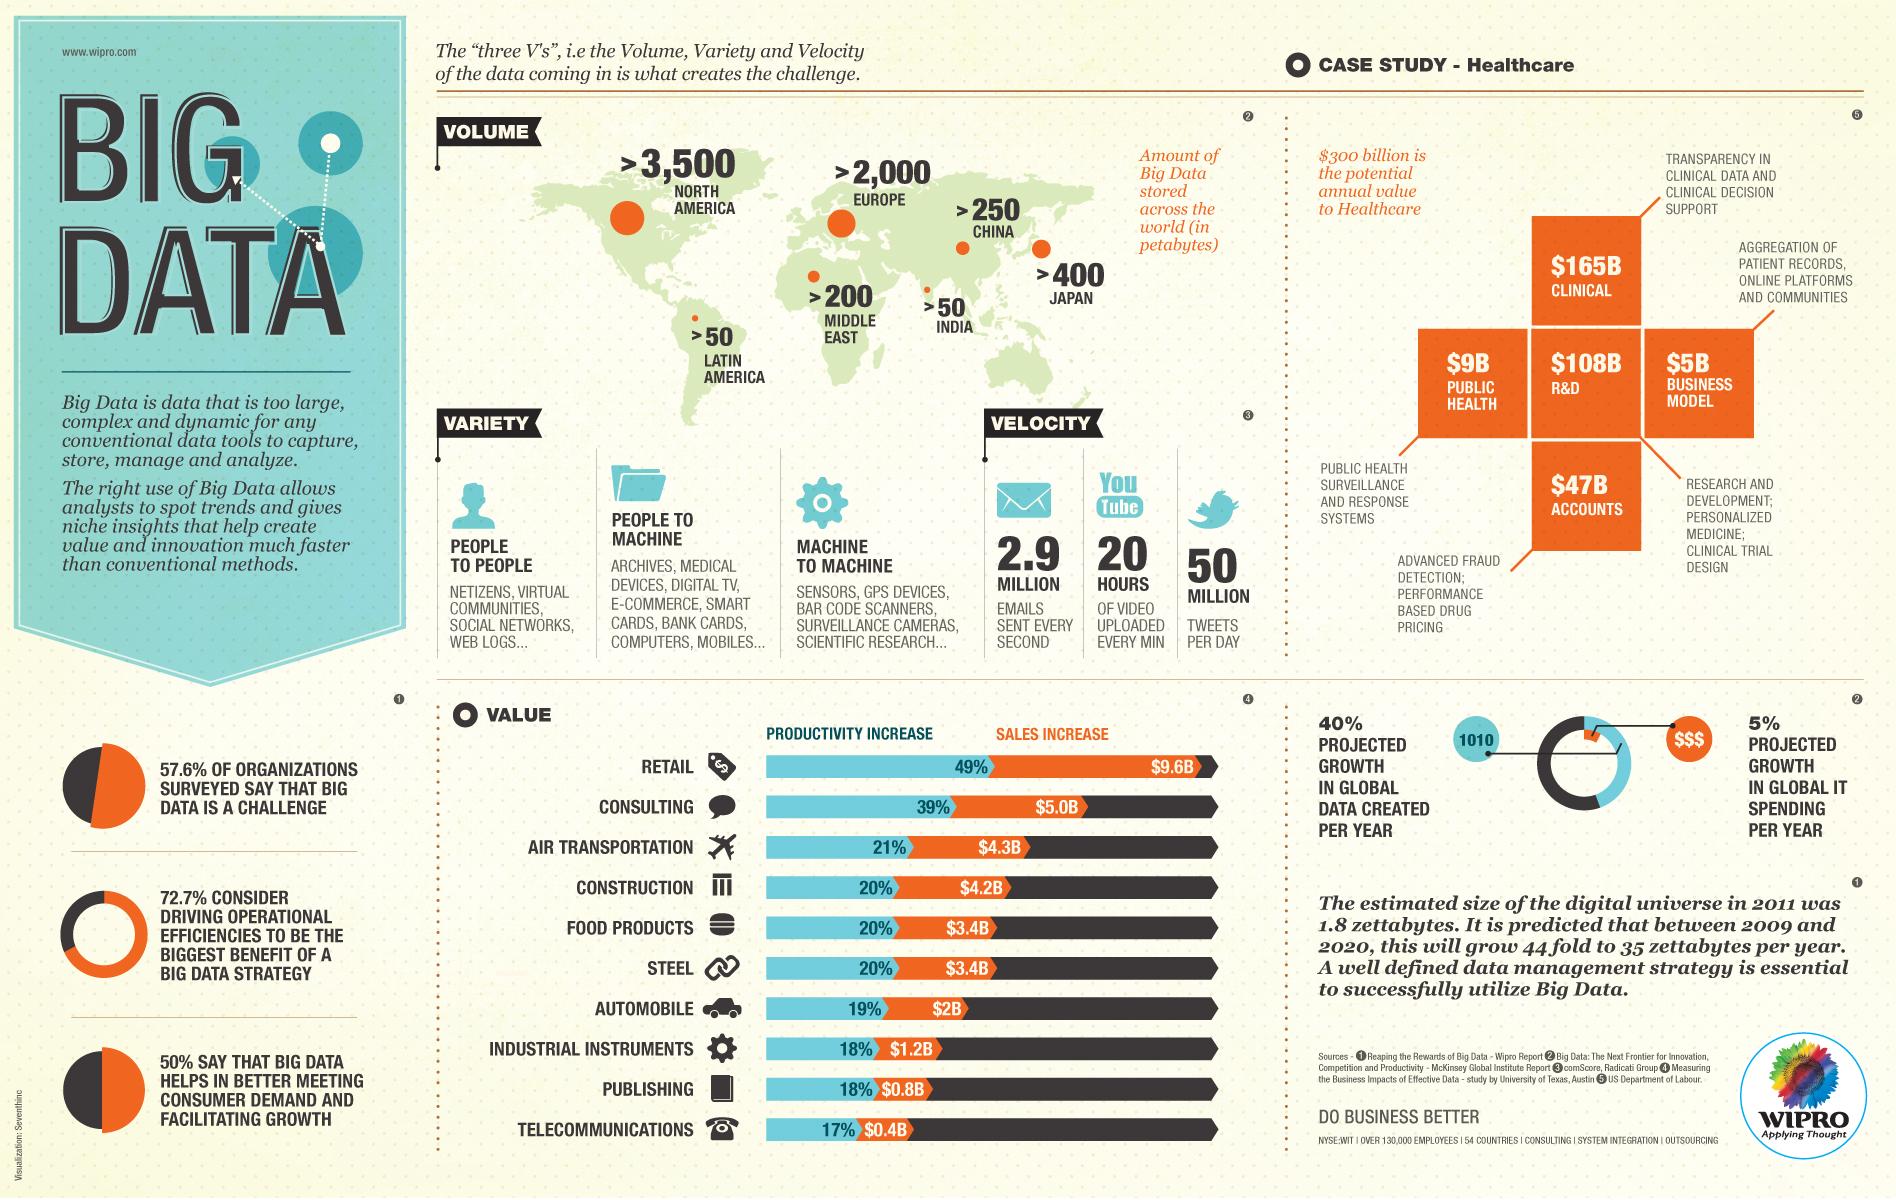 ¿Qué quieren los anunciantes del big data?